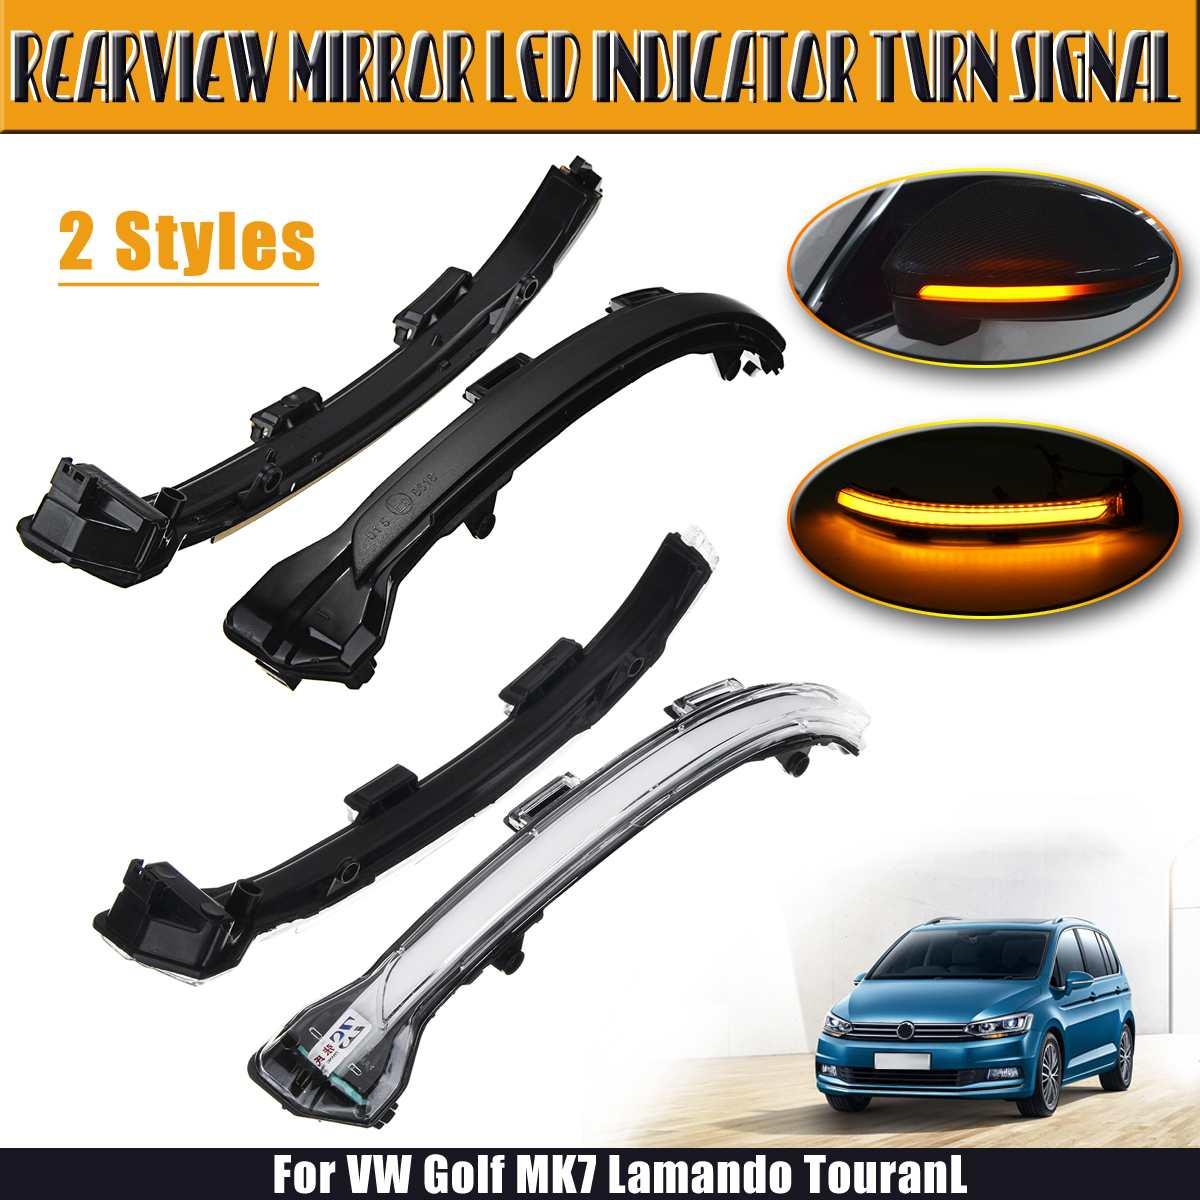 Rétroviseur indicateur LED clignotant pour Volkswagen pour VW Golf MK7 Lamando TouranL fumé noir/blanc